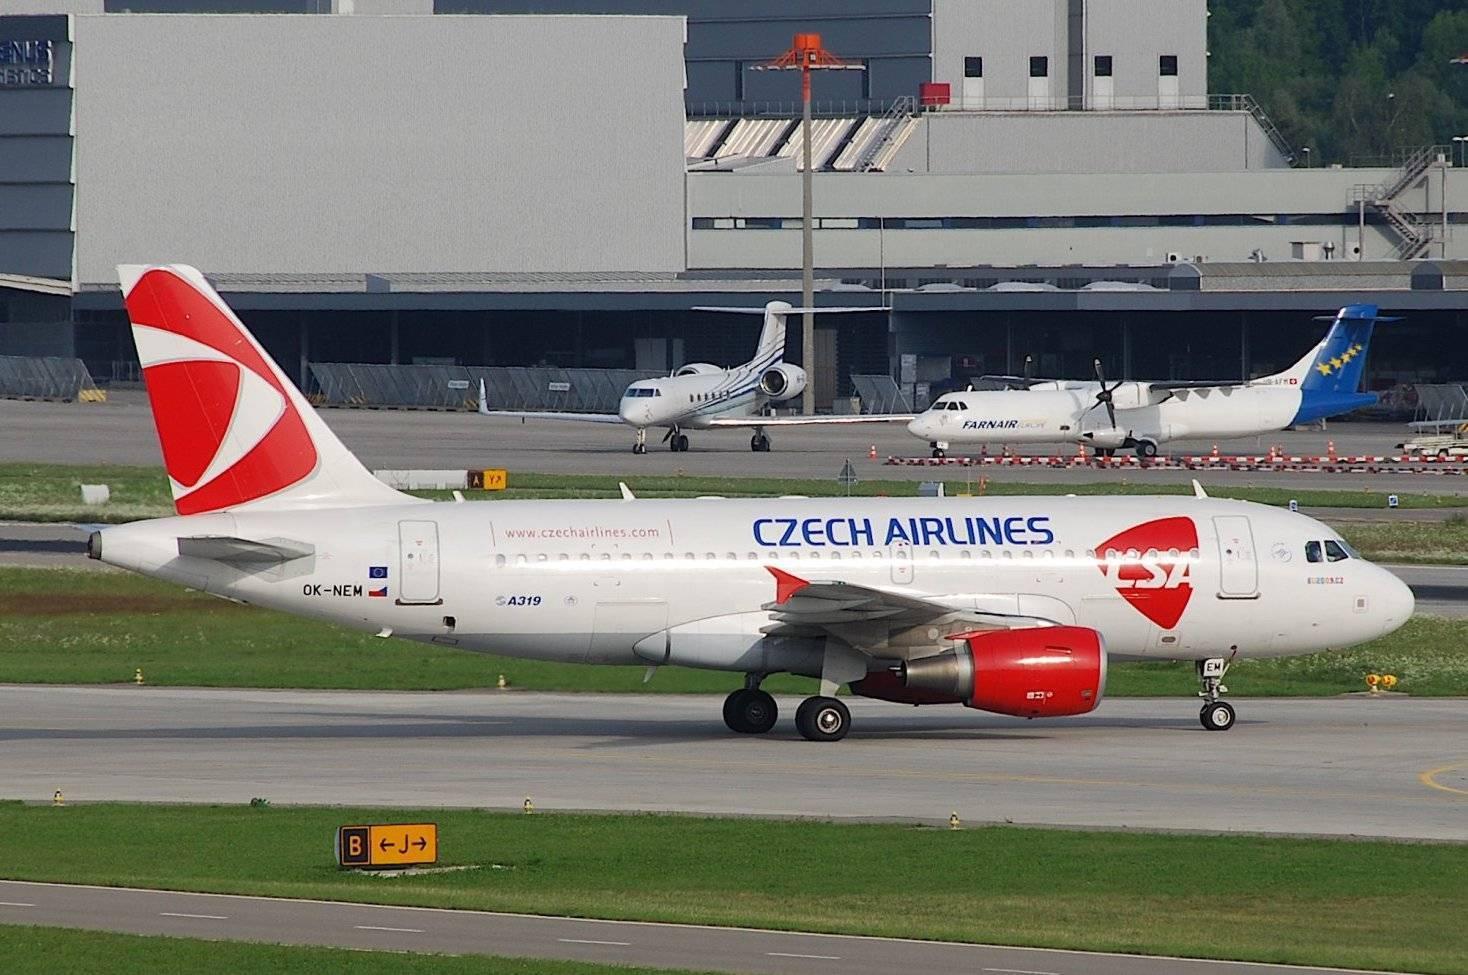 Онлайн регистрация на чешские авиалинии (czech airlines): пошаговая инструкция, дальнейшие действия